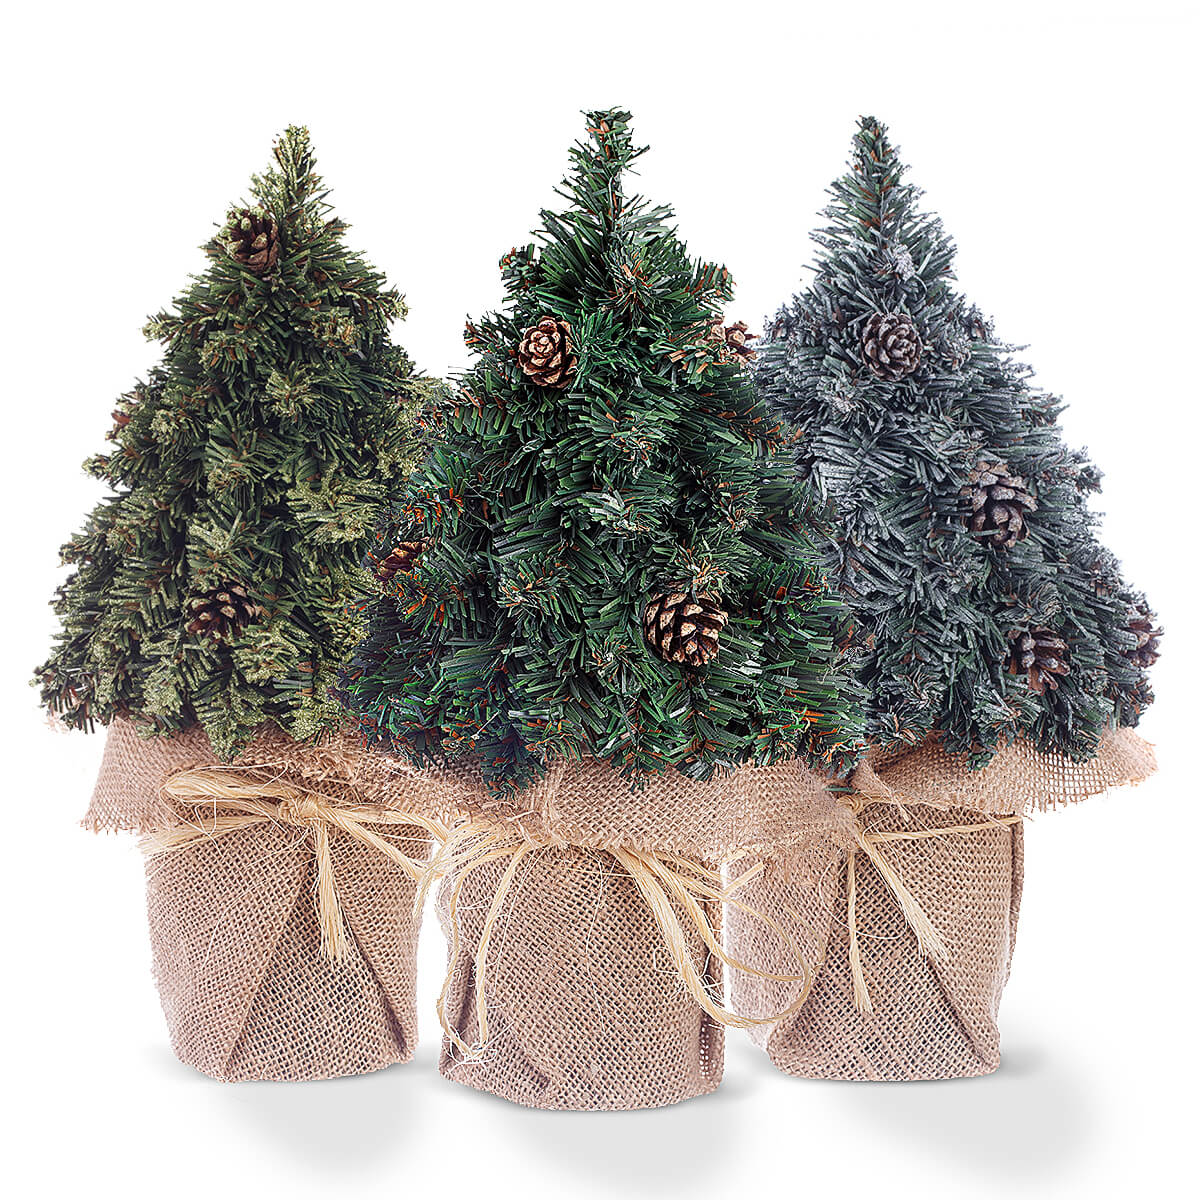 Mini weihnachtsbaum 35cm k nstlich weihnachtsbaum mini mini weihnachtsbaum k nstlicher - Weihnachtsbaum baumarkt ...